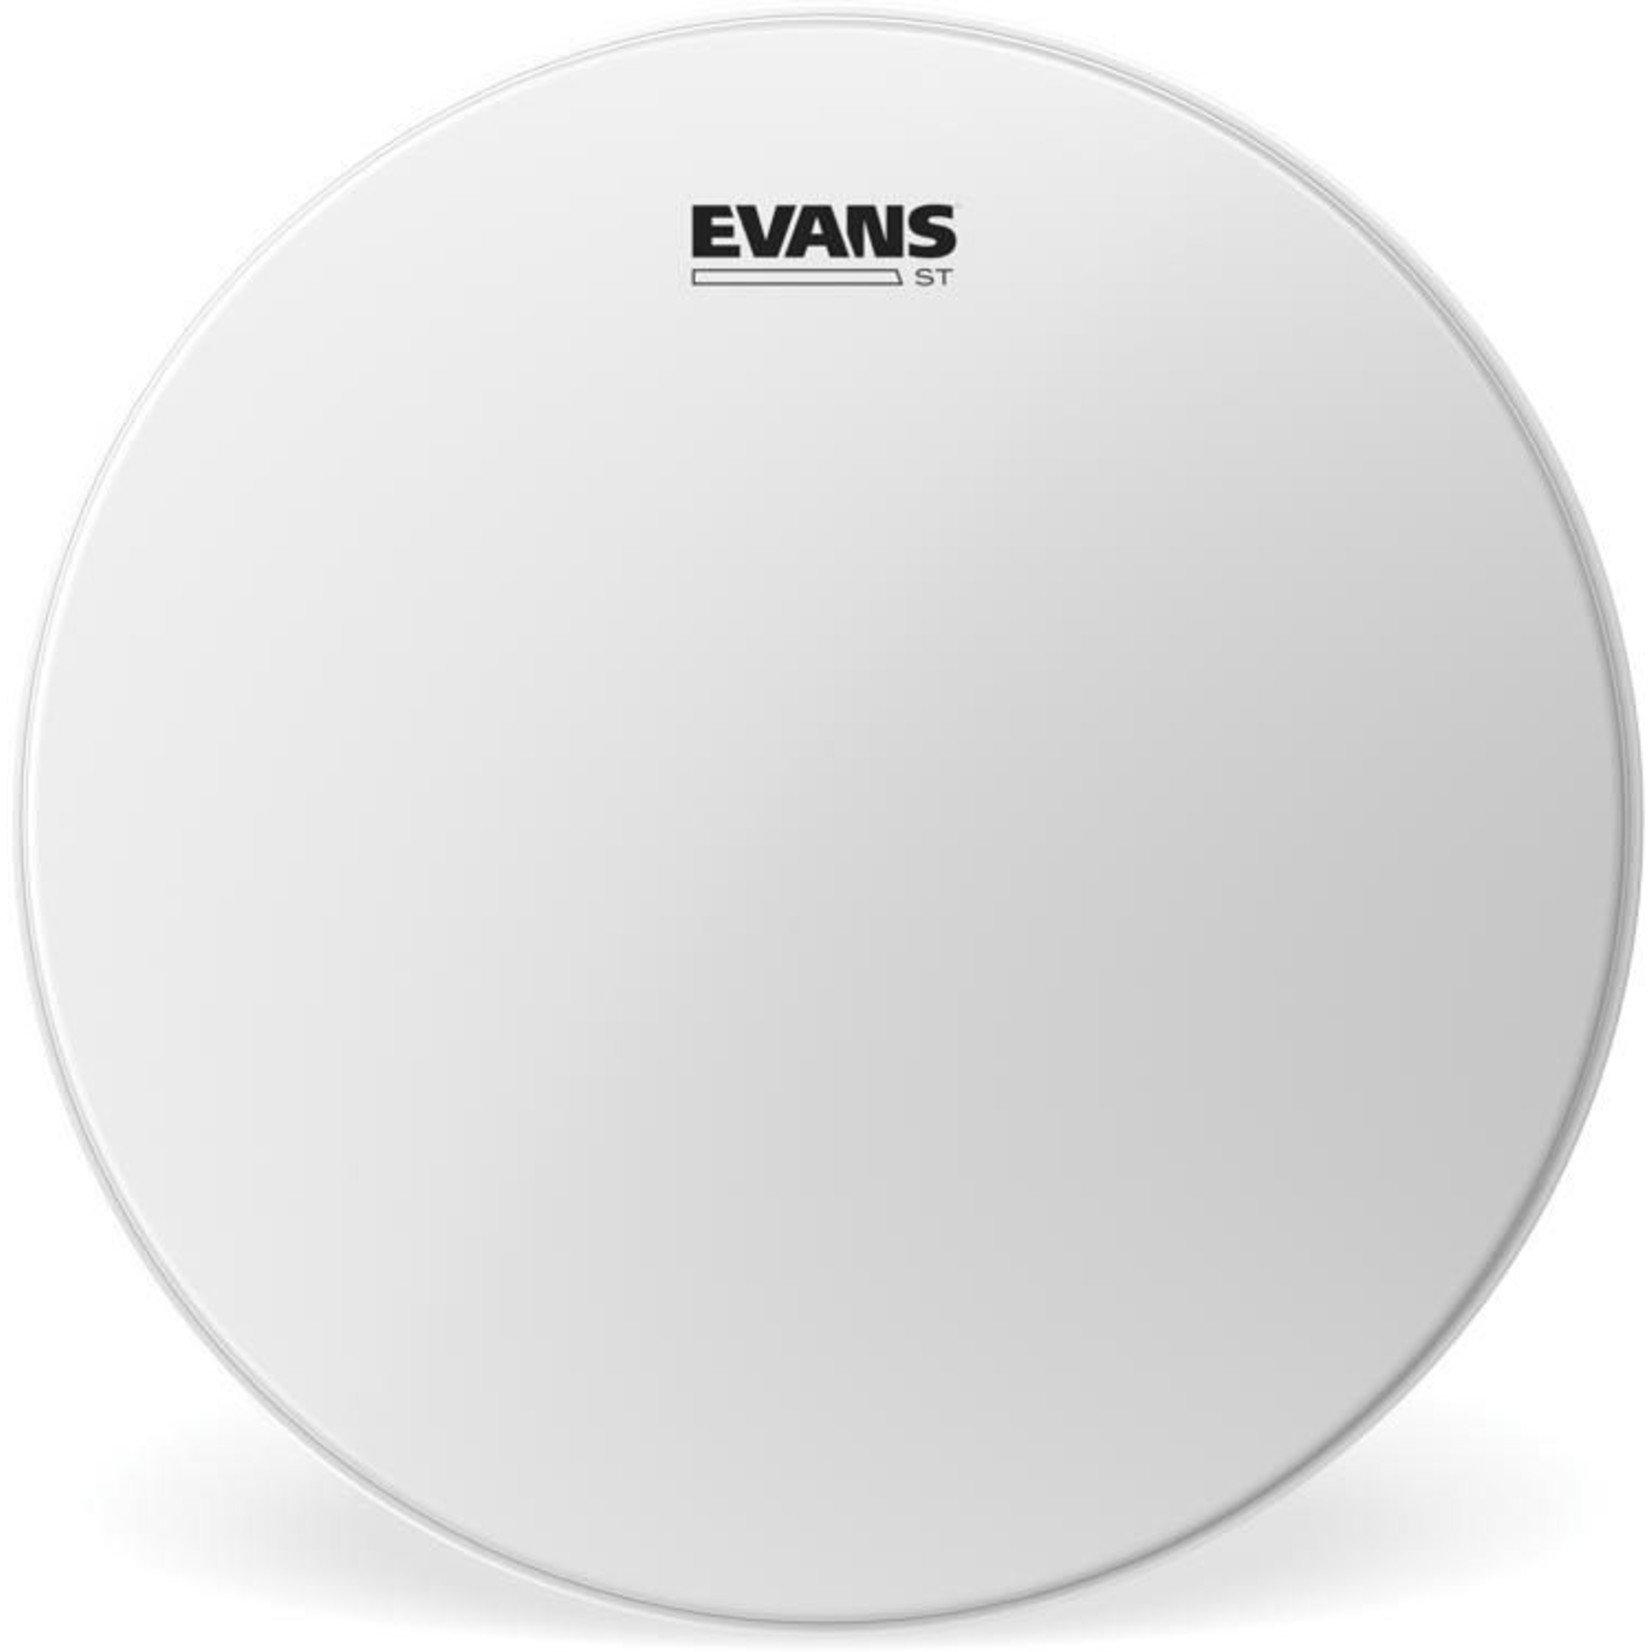 Evans Evans Coated ST